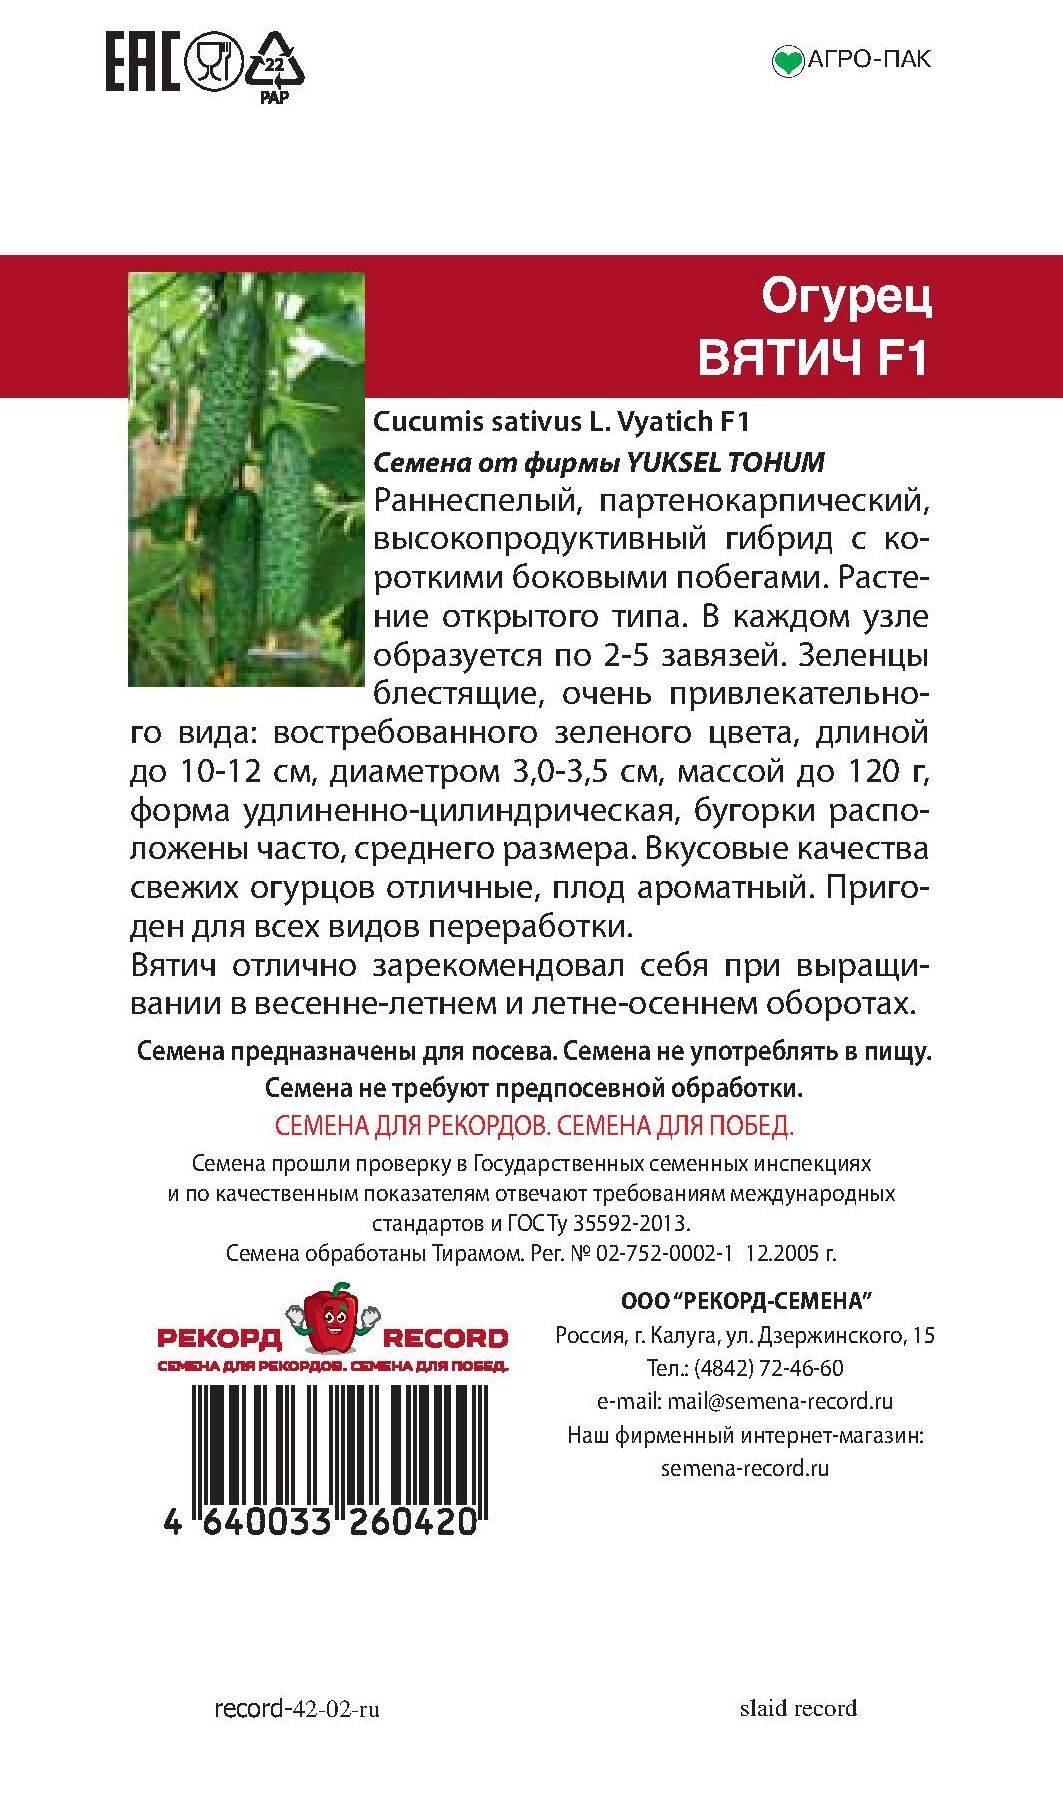 Огурец вятский f1: описание сорта, посадка, уход, фото